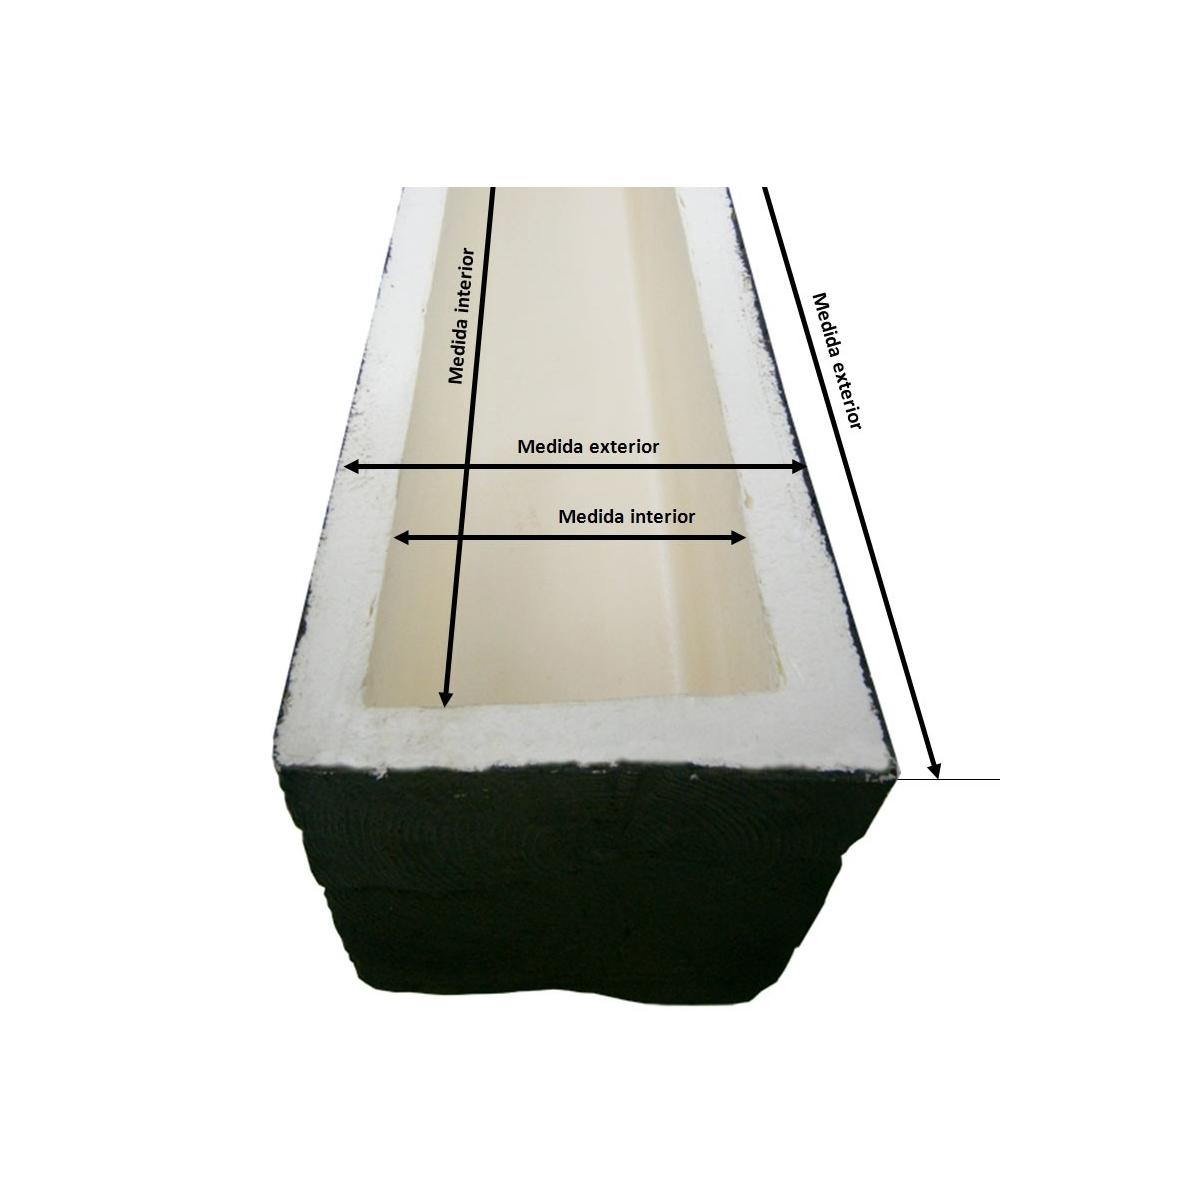 Viga imitación a madera de poliuretano Grupo Unamacor Vigas imitación madera cuadradas